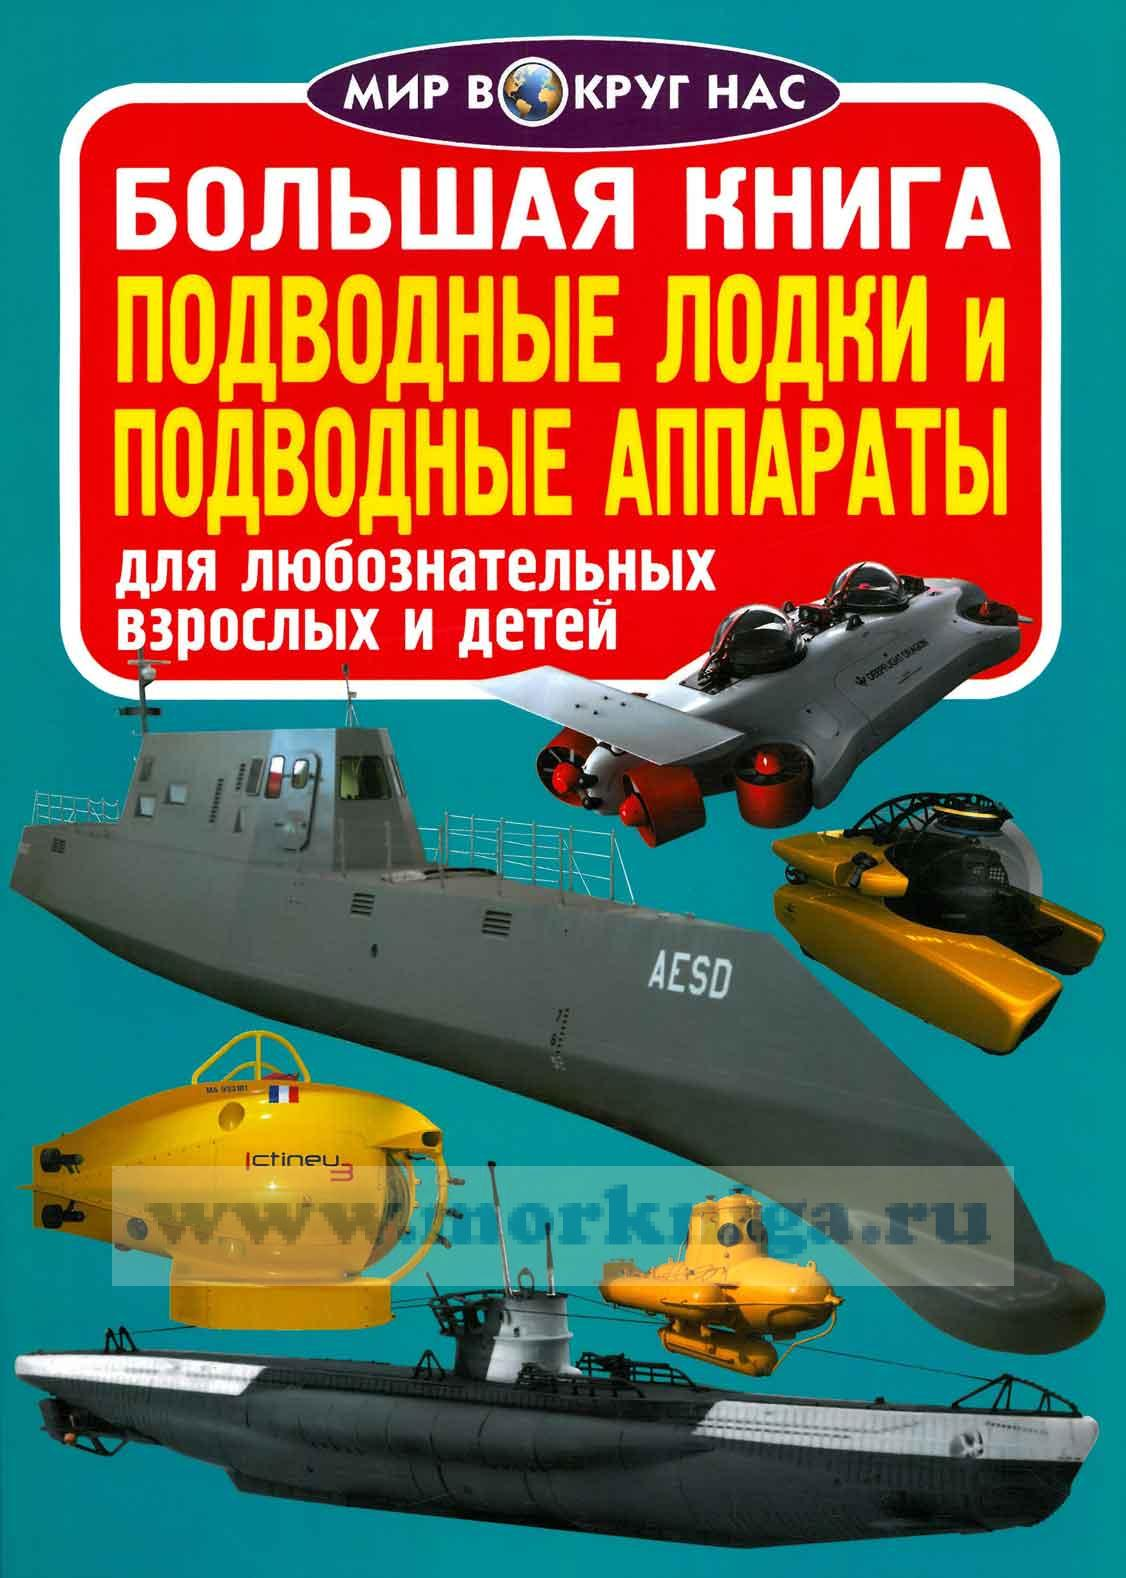 Большая книга. Подводные лодки и подводные аппараты (для любознательных взрослых и детей)